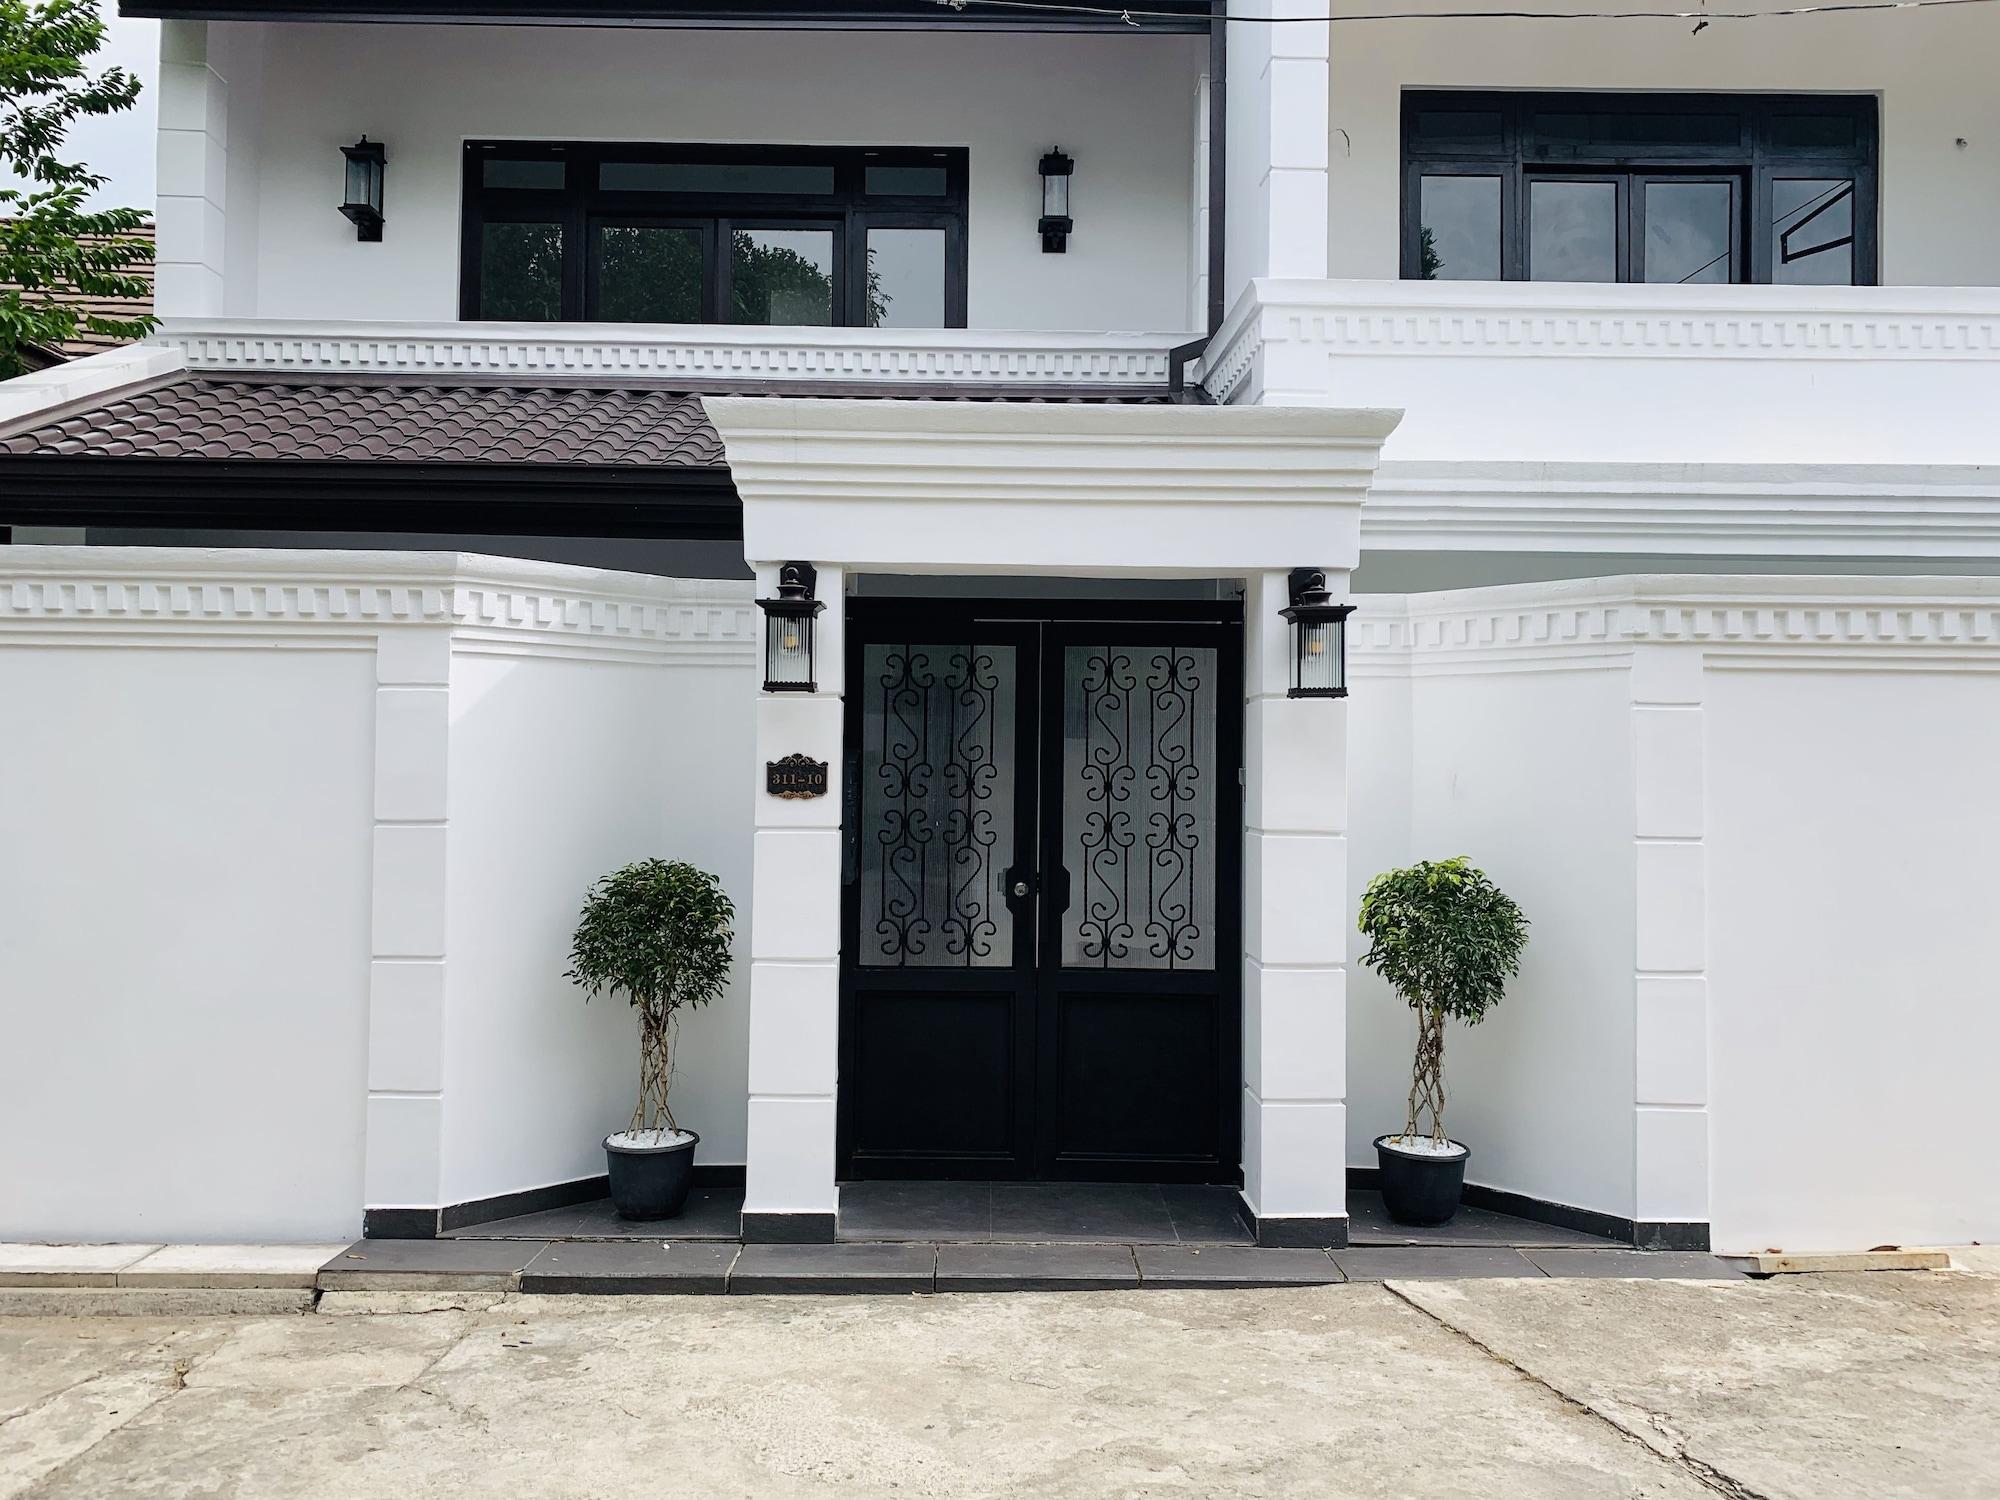 The Prestige Villa Kandy, Harispattuwa